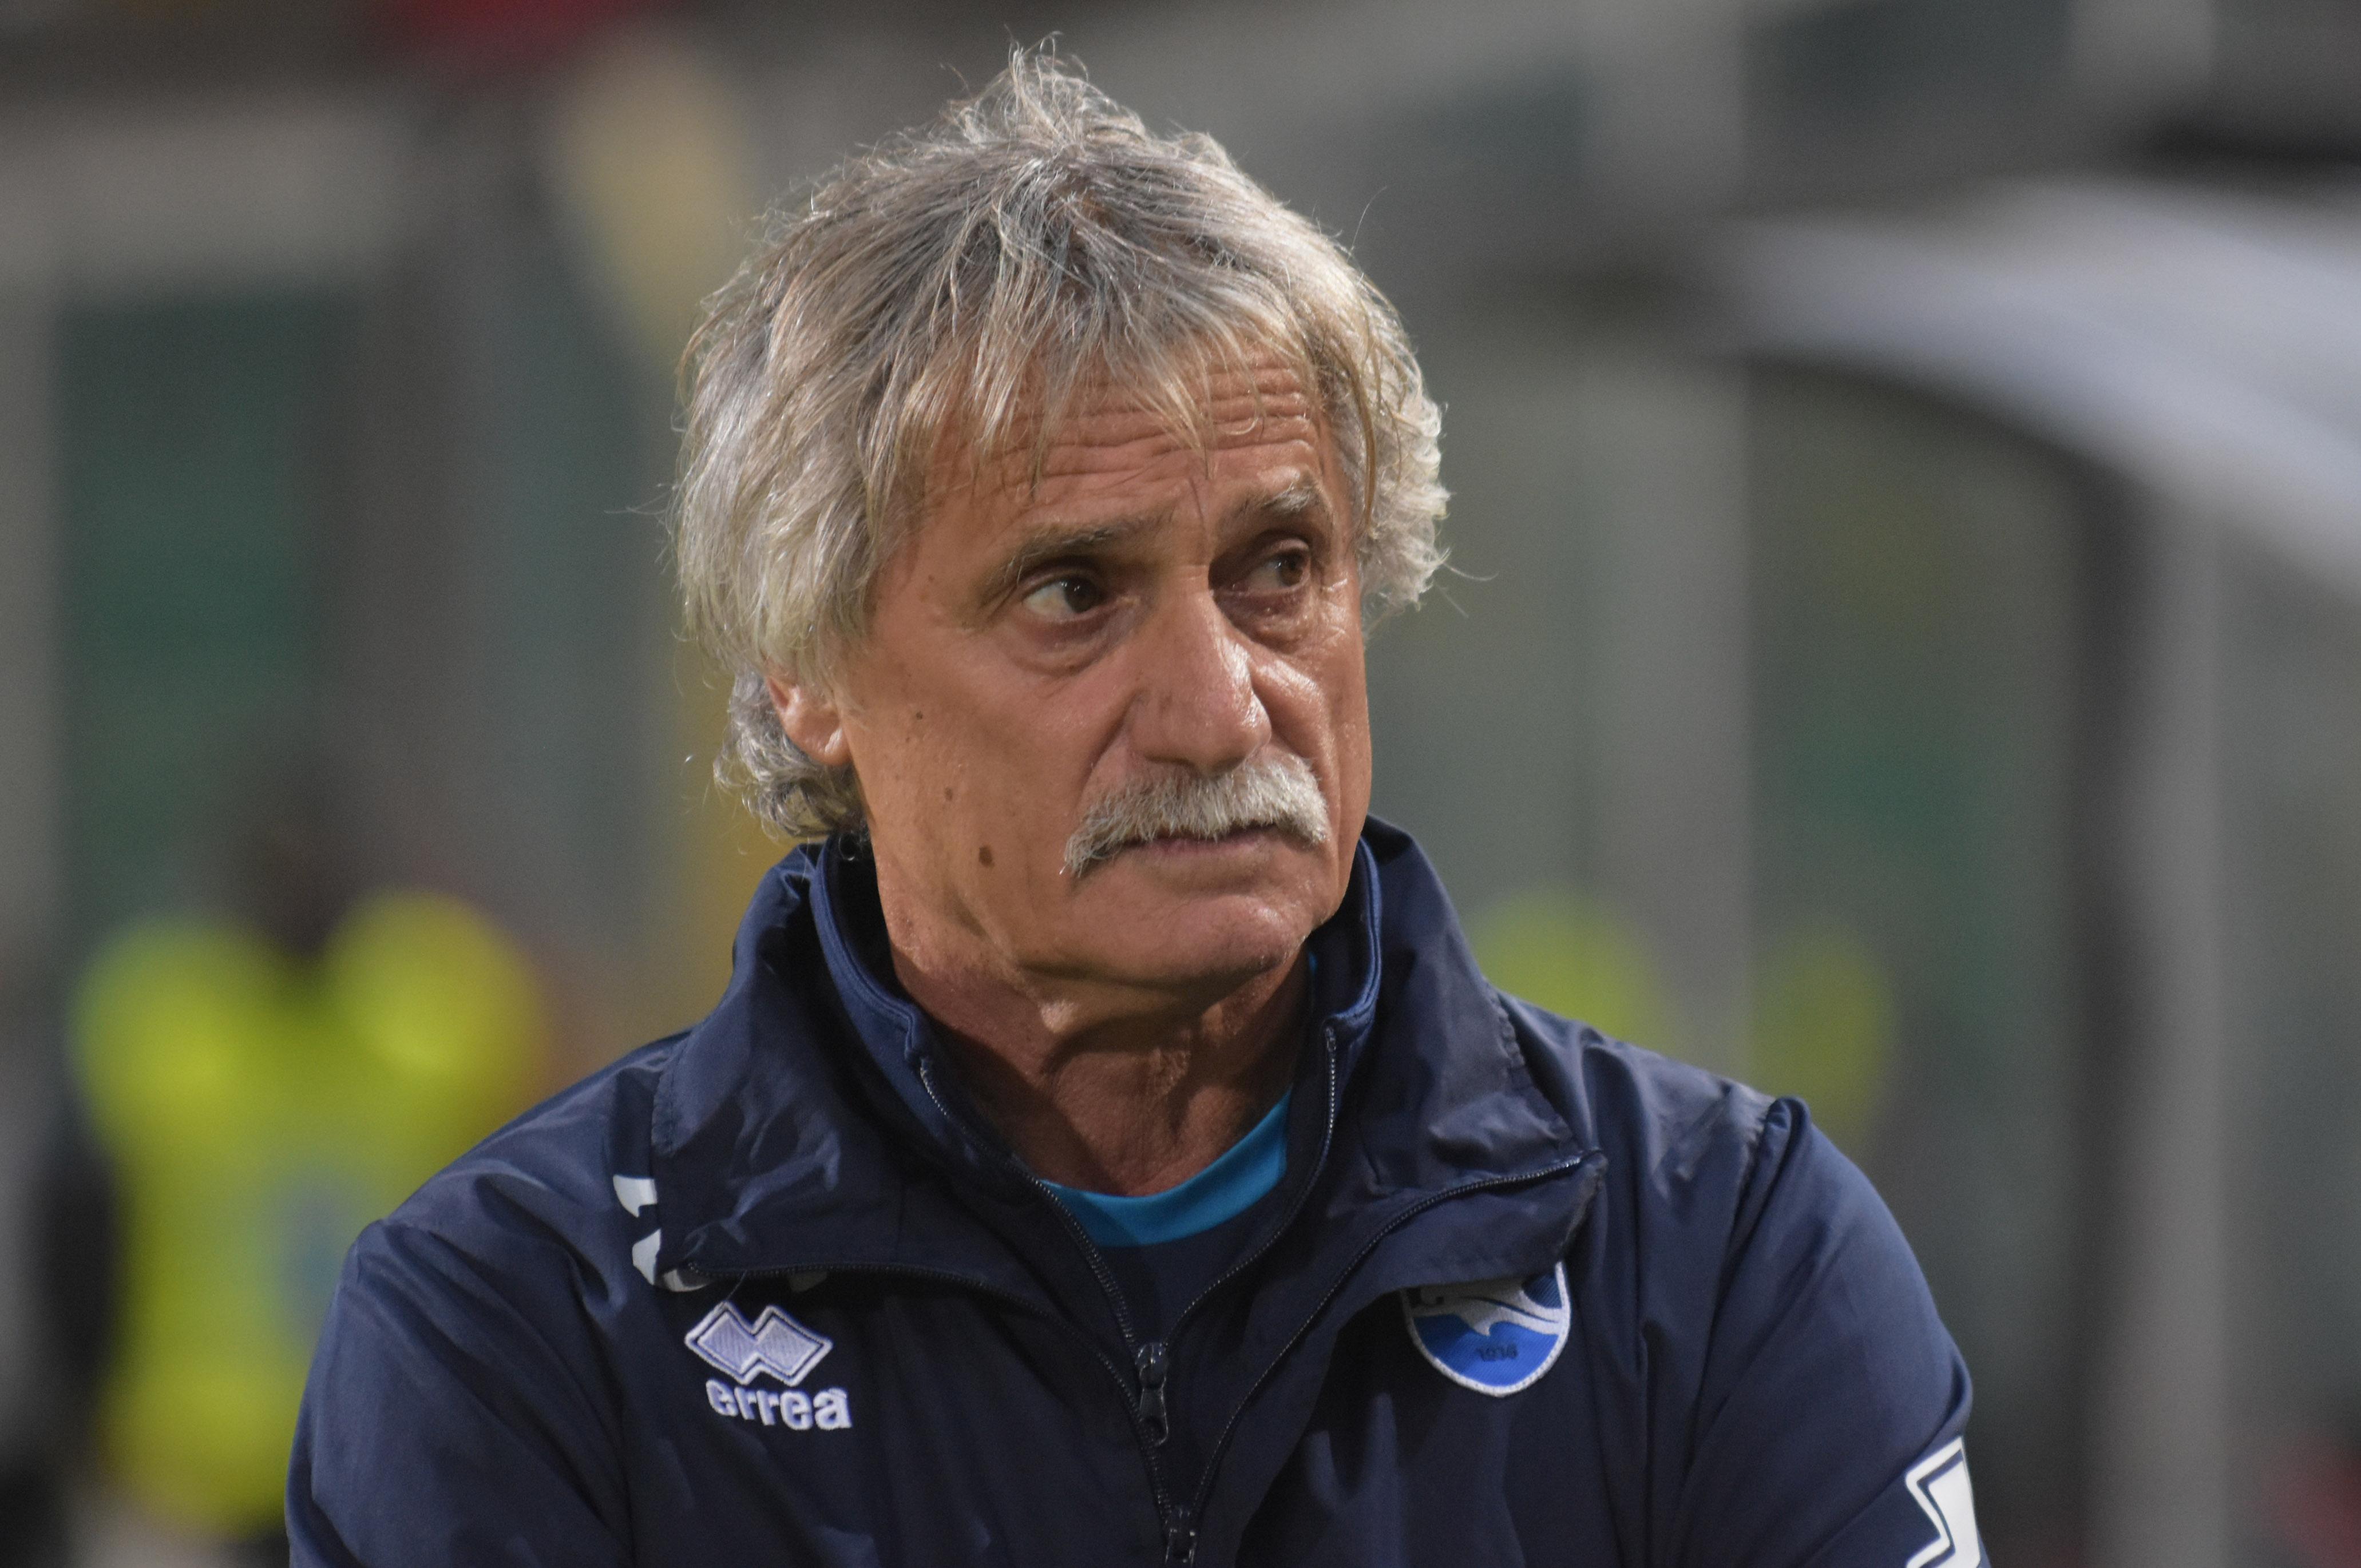 """L'amarezza di Bepi Pillon. L'allenatore del Pescara parla in conferenza stampa dopo il match del Barbera, partendo da una convinzione: il risultato si accetta, ma (secondo Pillon) sarebbe bugiardo per quanto visto in campo. GIAMMARVA ALLO STADIO. SEGNALE PER IL FUTURO? Pillon afferma: """"Avevamo di fronte una grande squadra e accettiamo il verdetto; ma il 3-0 è un risultato bugiardo per quanto visto in campo.Abbiamo schiacciato il Palermo e avuto buone occasioni; potevamo anche trovare il pareggio, ma ci siamo spinti in avanti nel finale, ci siamo presi dei rischi e ci hanno colpito; ci è mancato solo il colpo"""